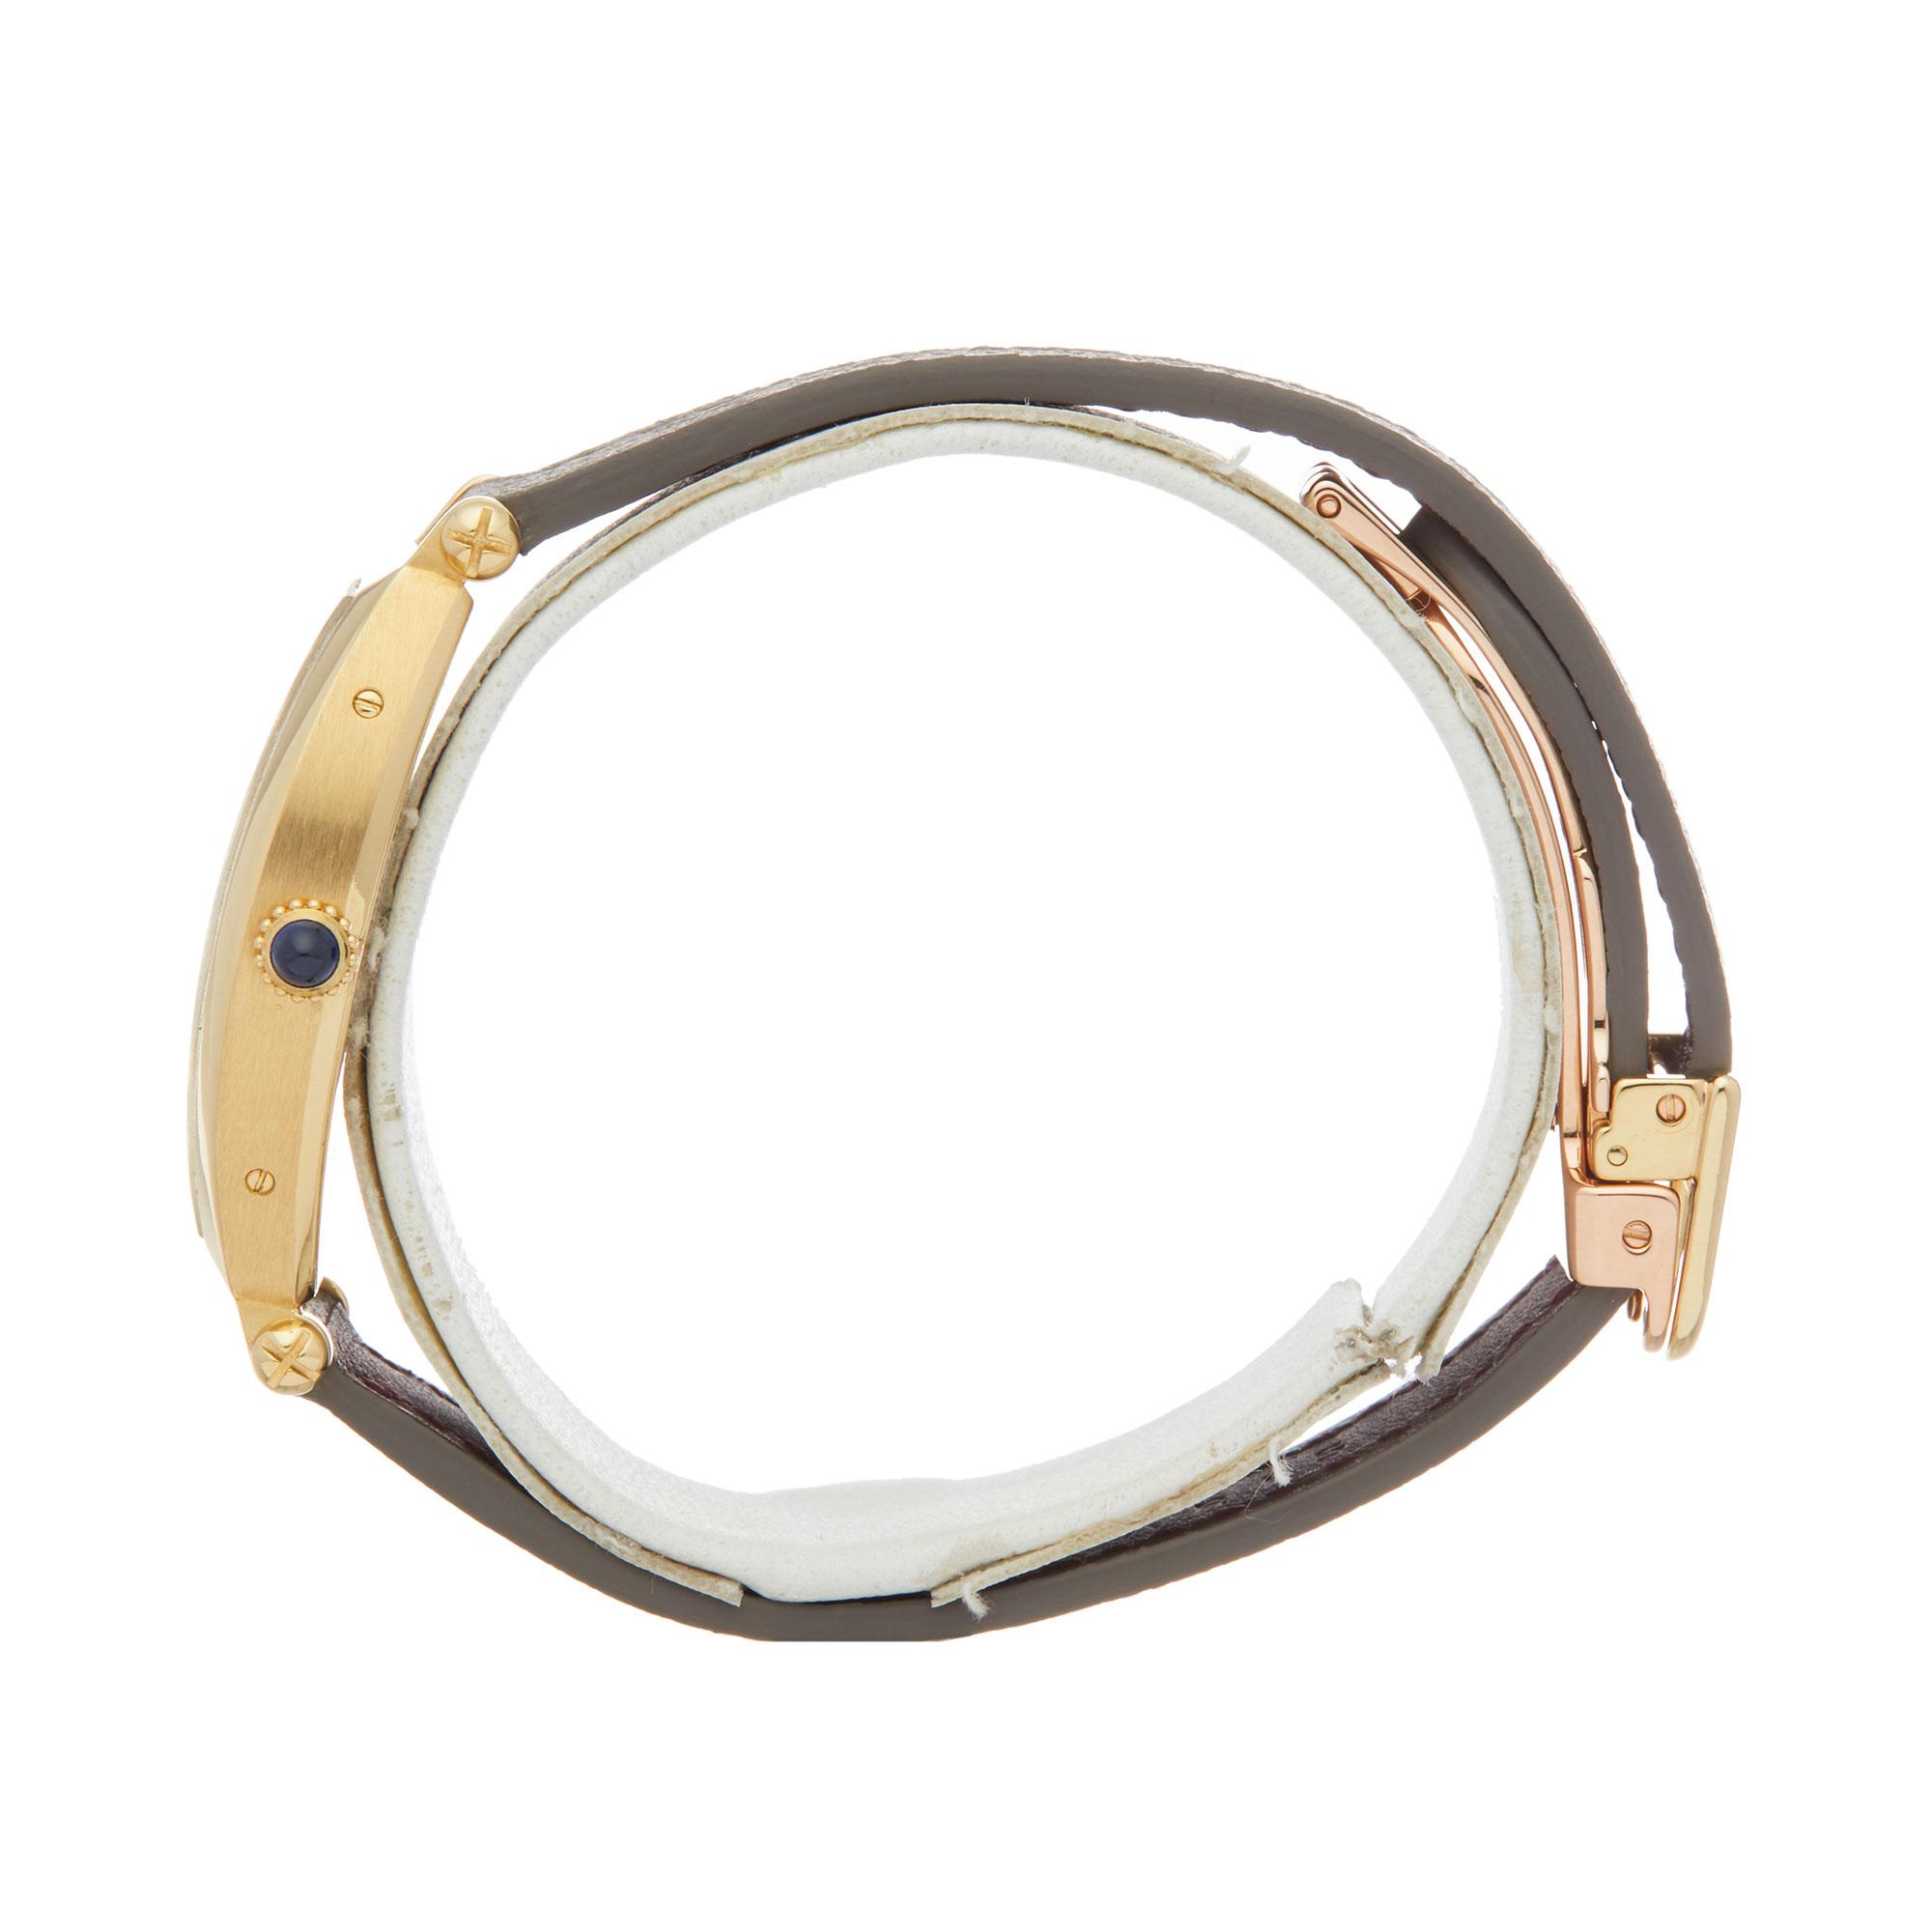 Cartier Tonneau 2451B Ladies Yellow Gold Mecanique Watch - Image 7 of 8